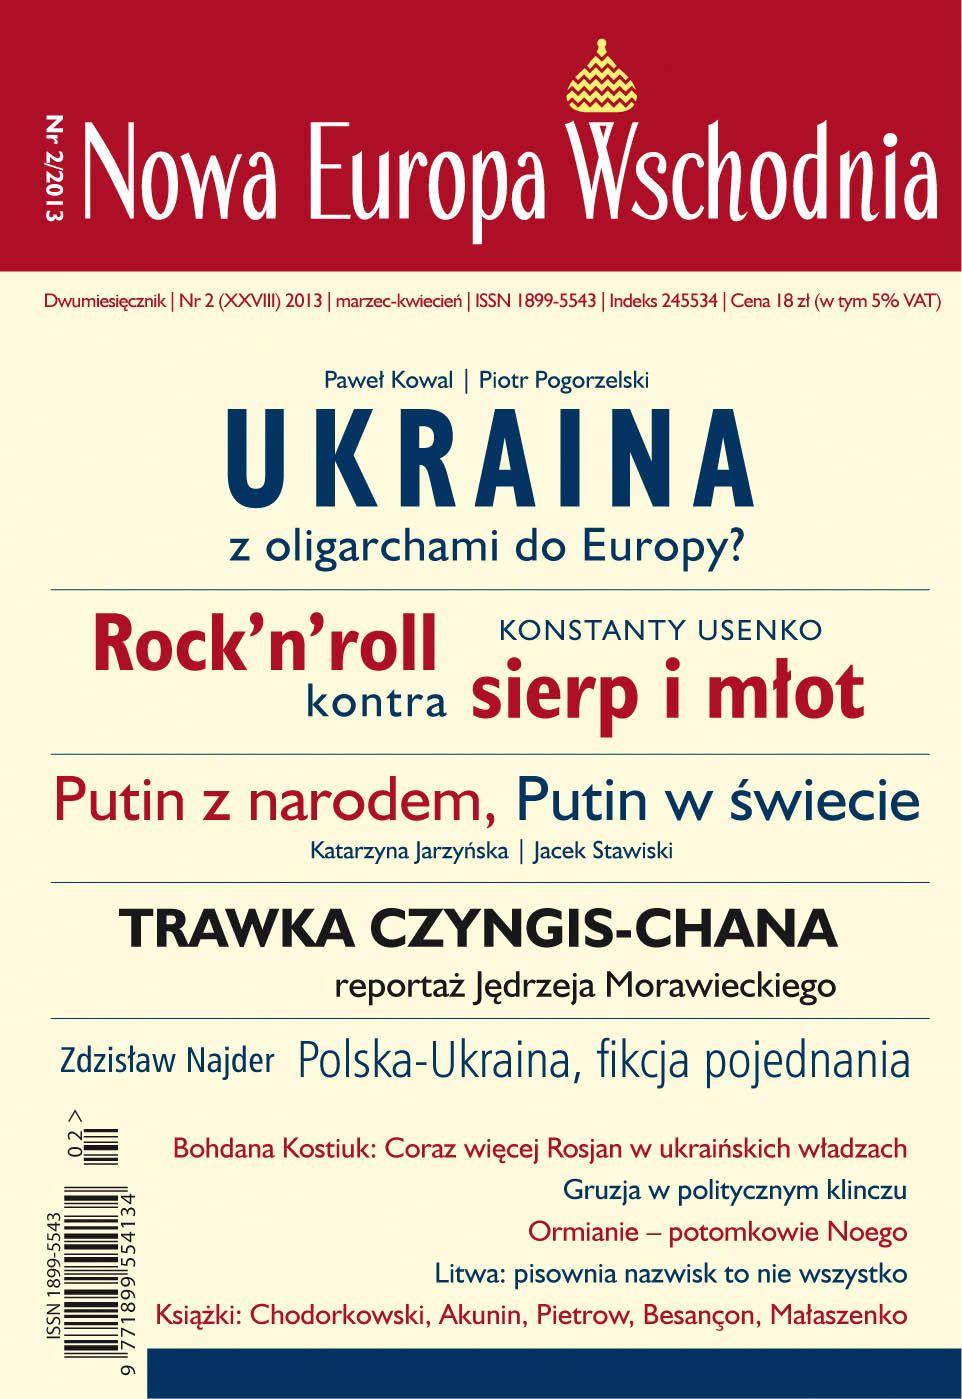 Nowa Europa Wschodnia 2/2013 - Ebook (Książka na Kindle) do pobrania w formacie MOBI